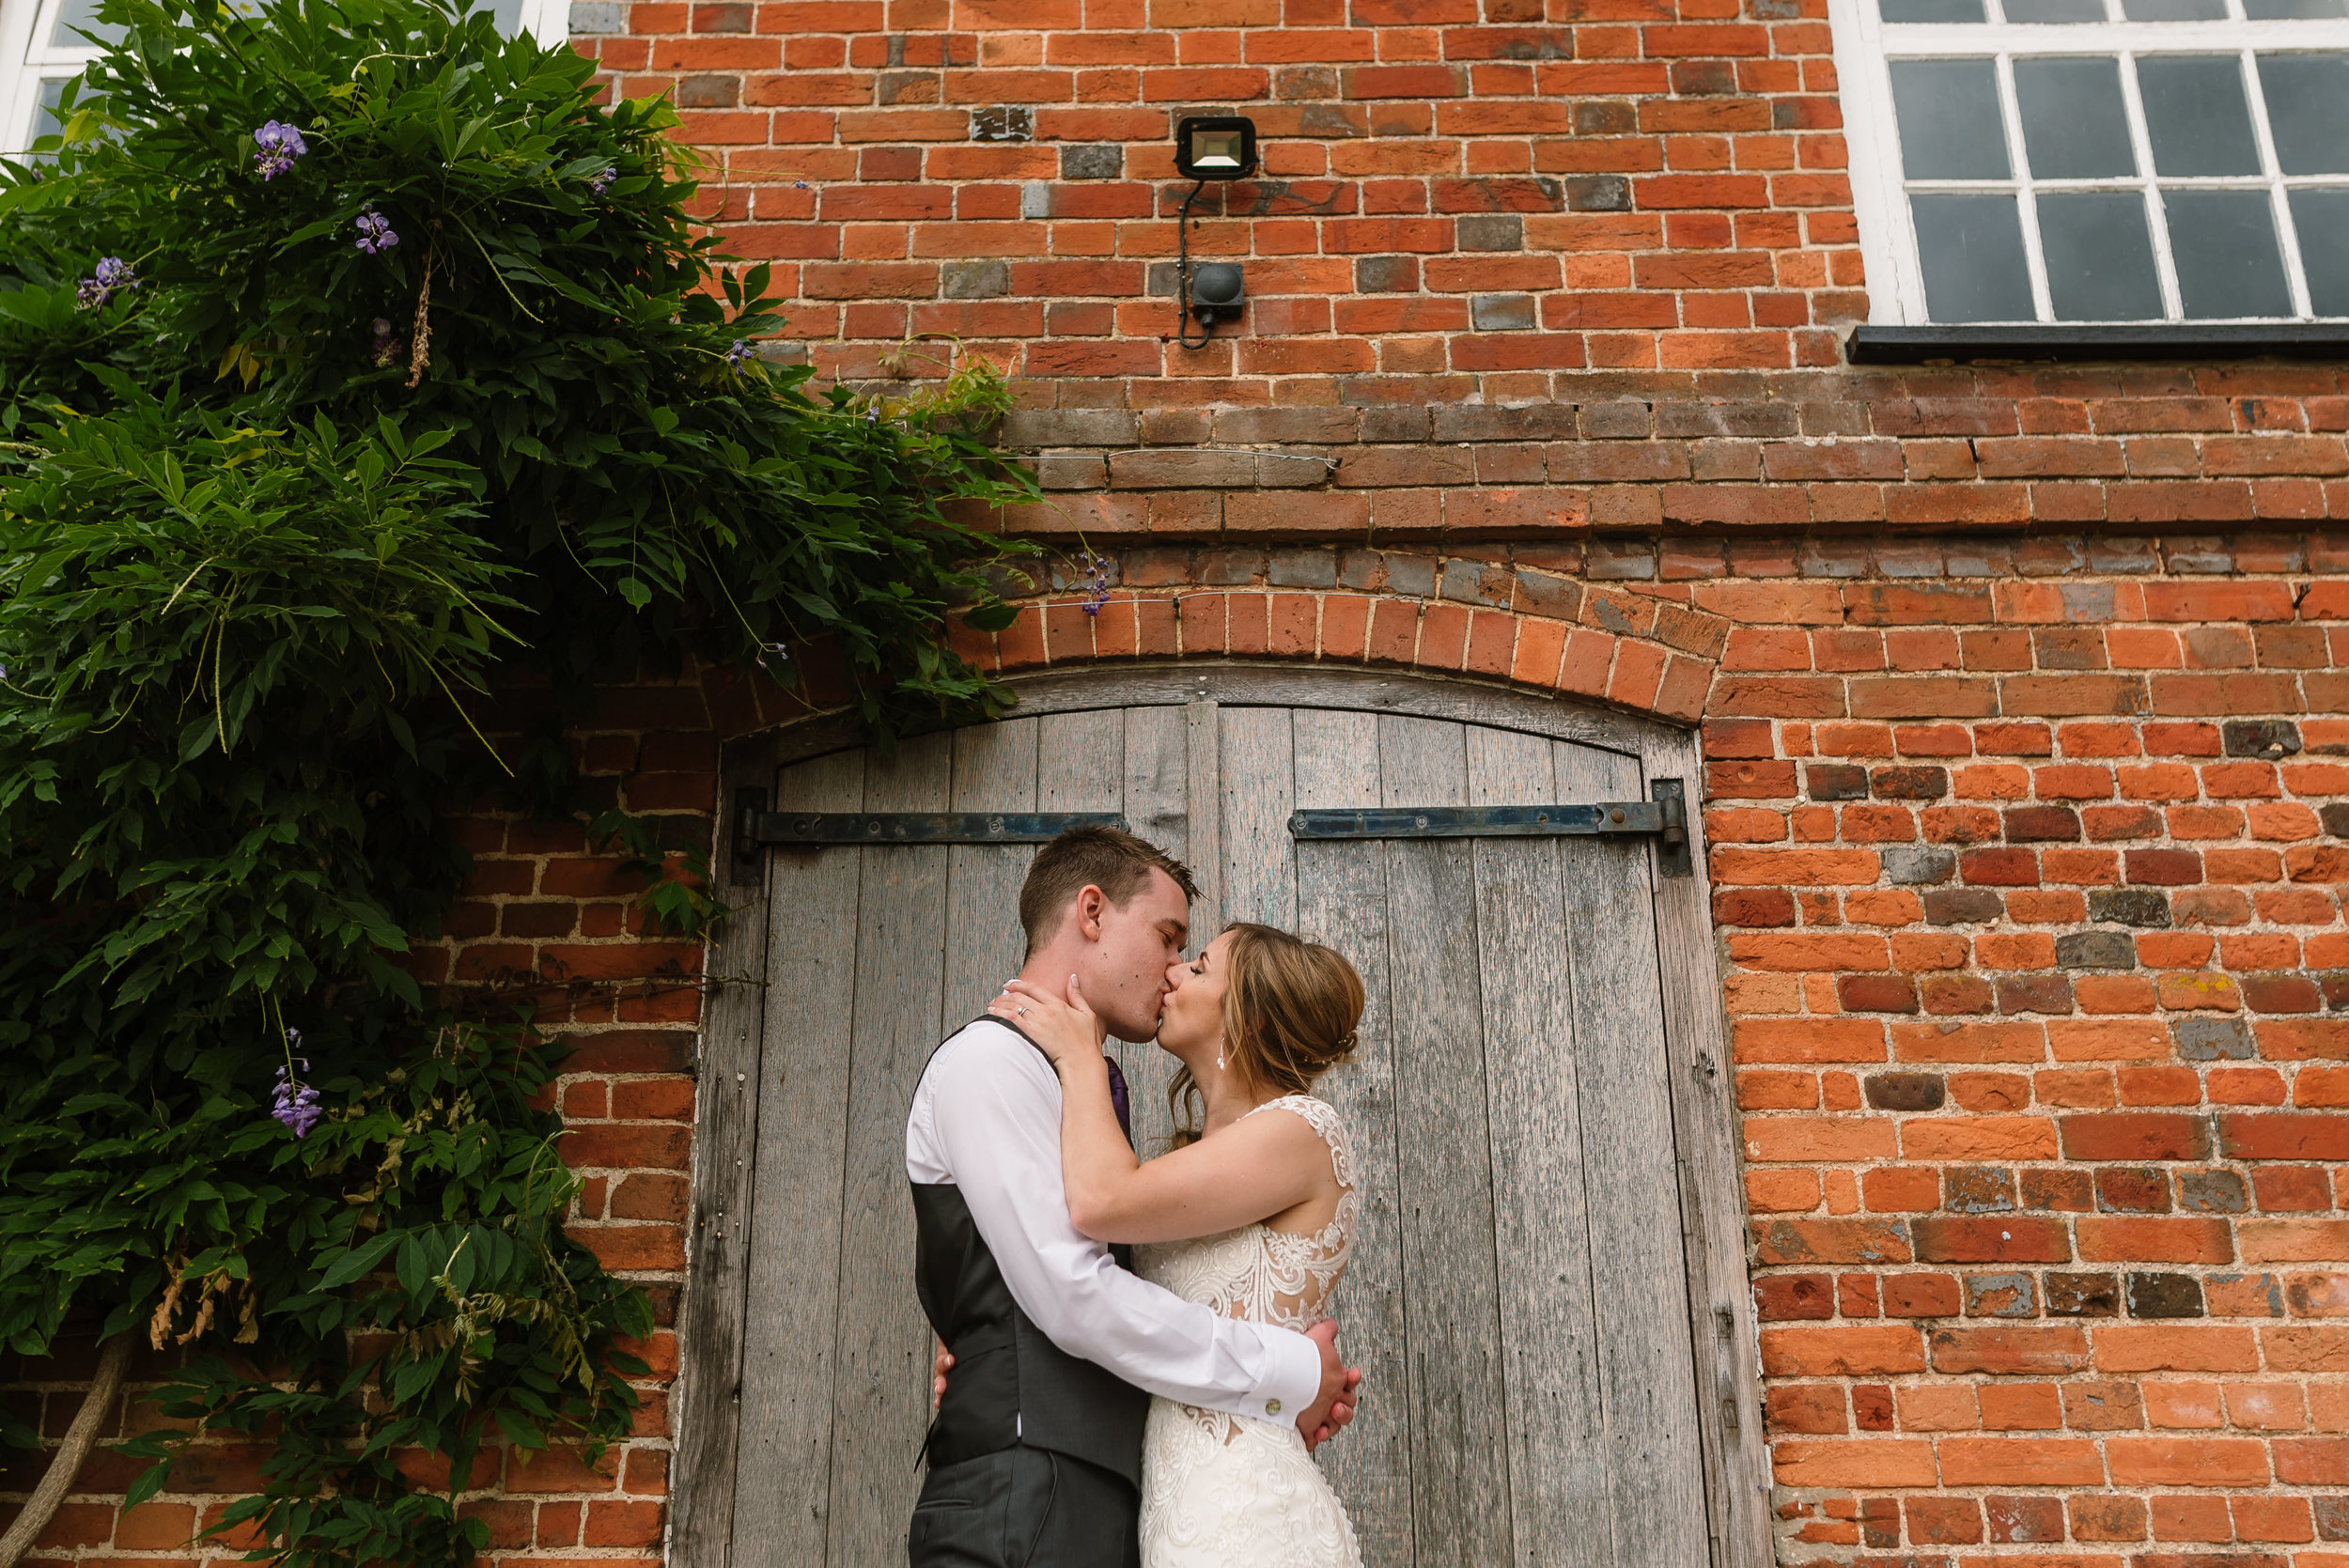 Hampshire Wedding Photographer Hampshire : Ufton-Court-Wedding : Barn-wedding-venue-hampshire : sarah-fishlock-photography : hampshire-barn-wedding-1032.jpg